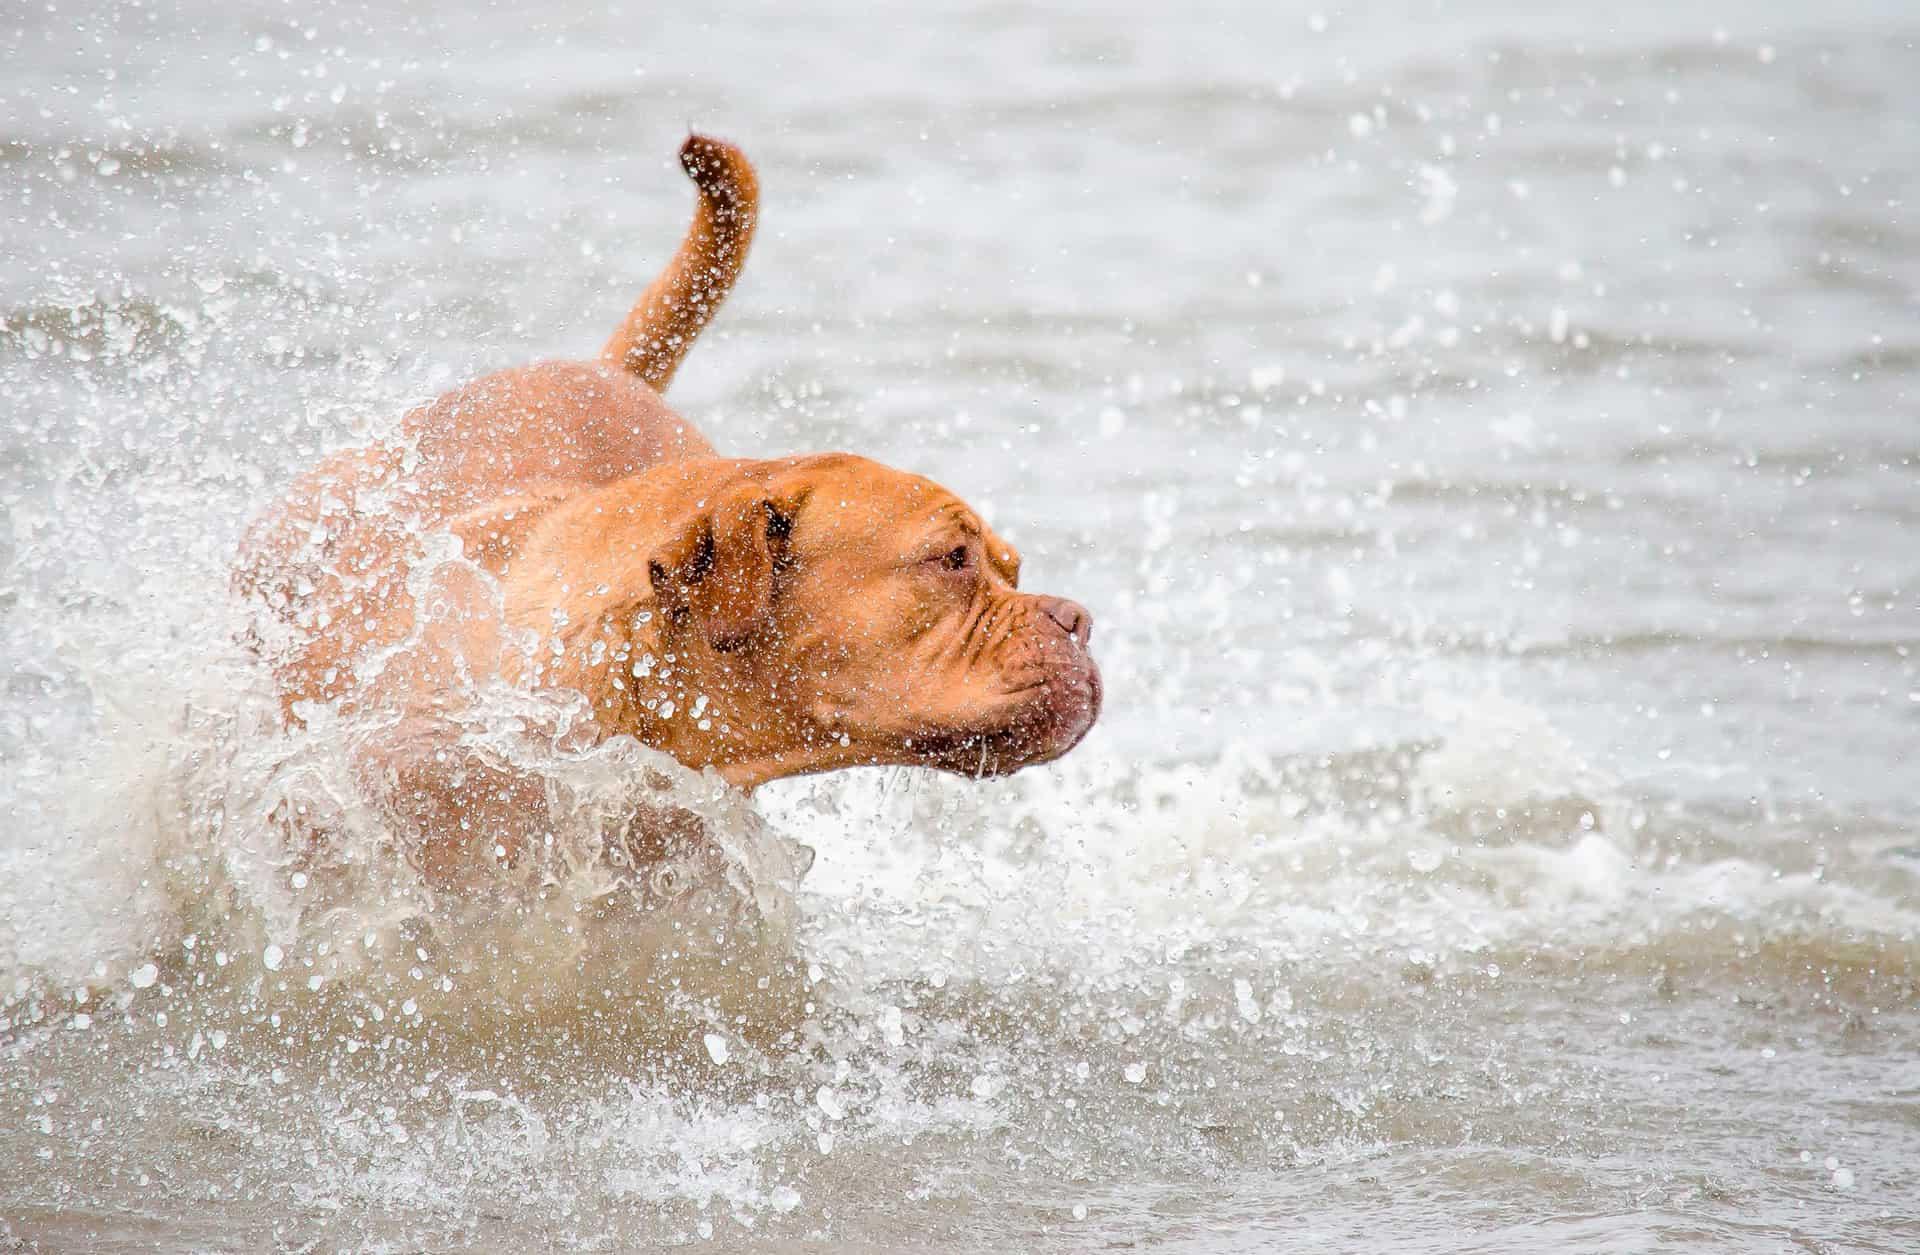 ¿A qué playas podemos ir a disfrutar con nuestro perro dentro del territorio español? - Veterinarium